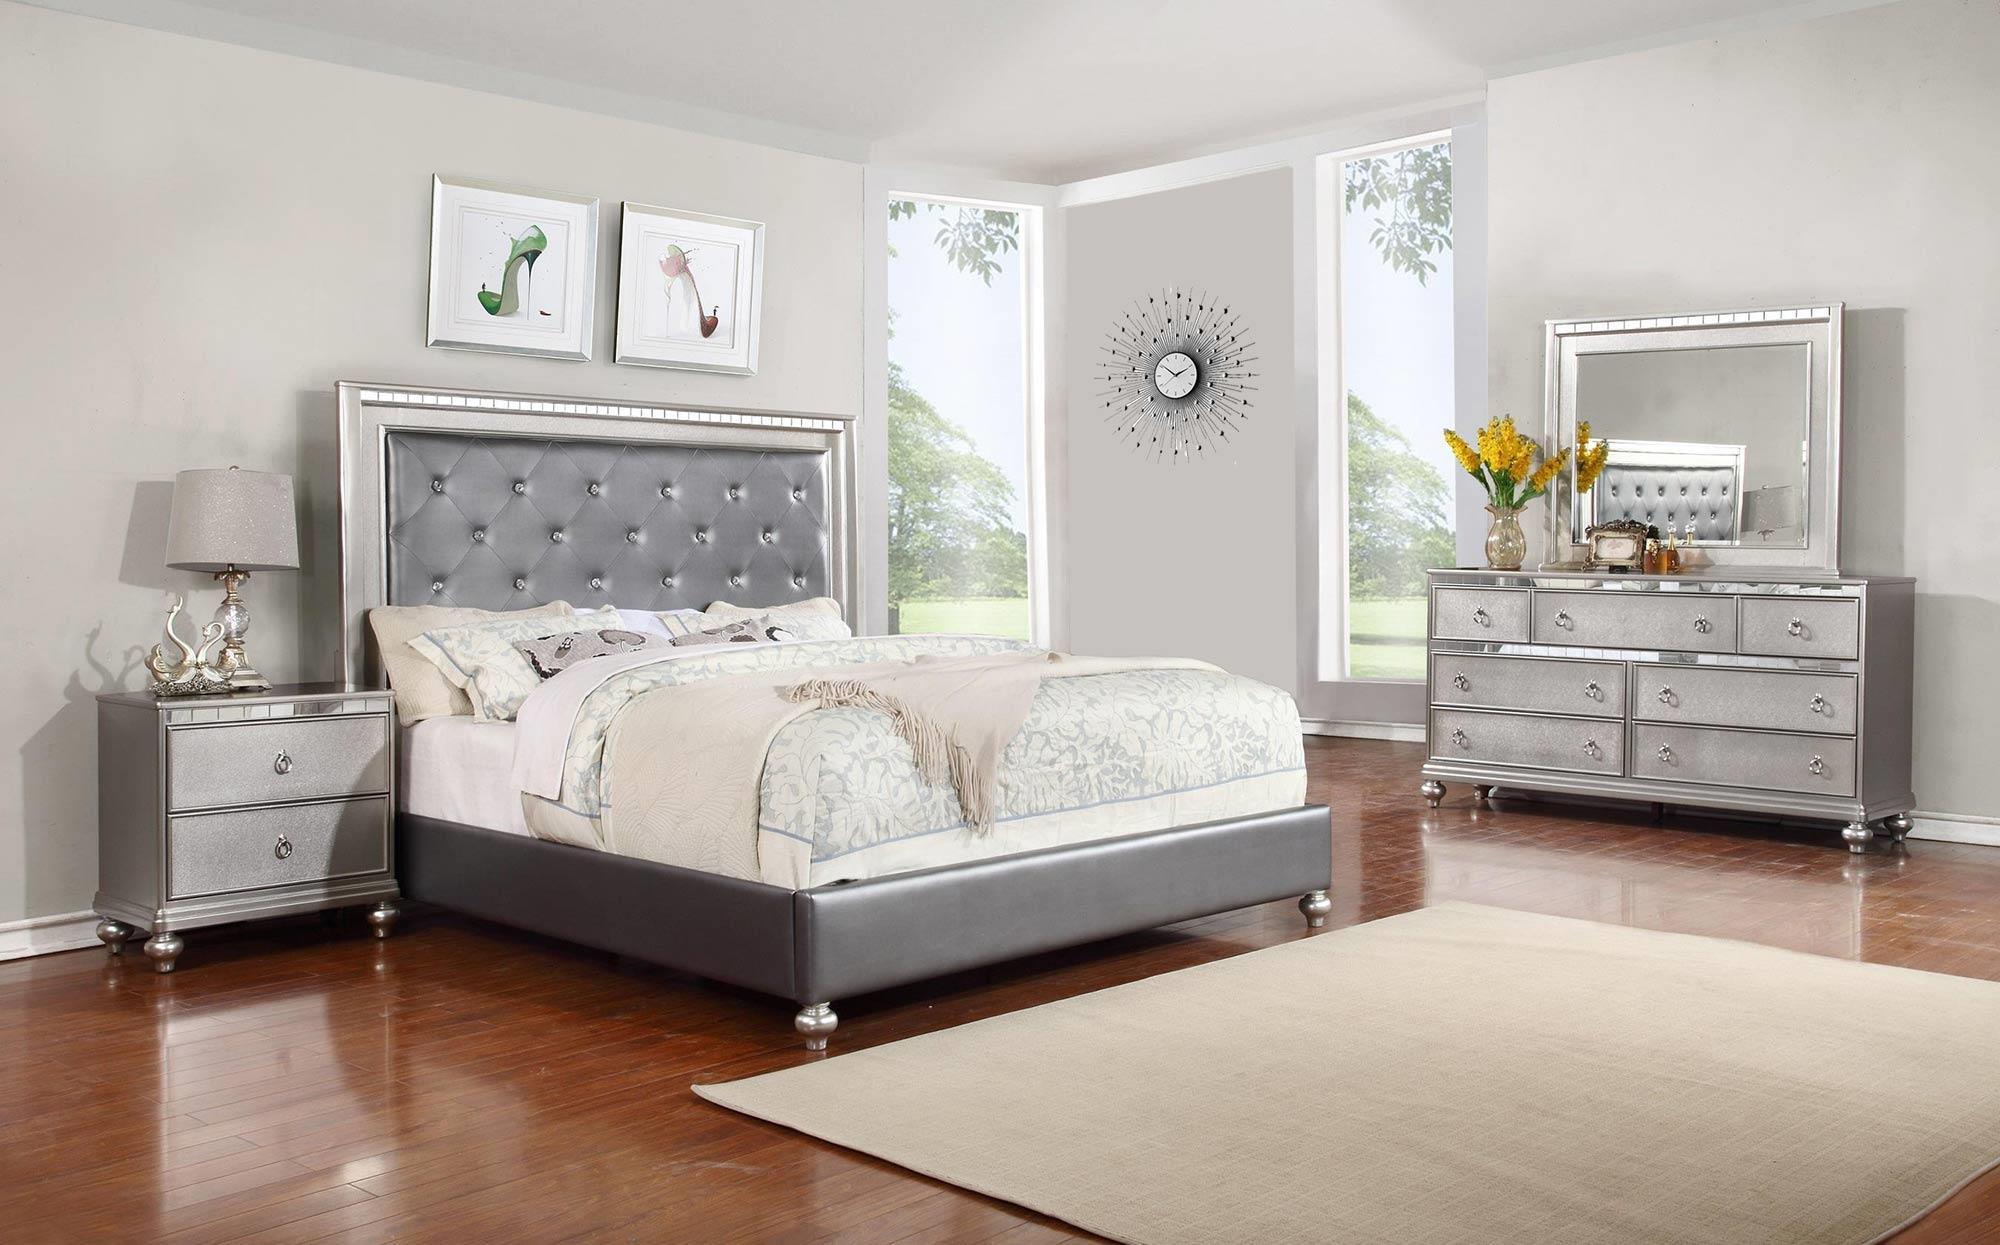 glam 4-piece king bedroom set - rotmans - bedroom group worcester